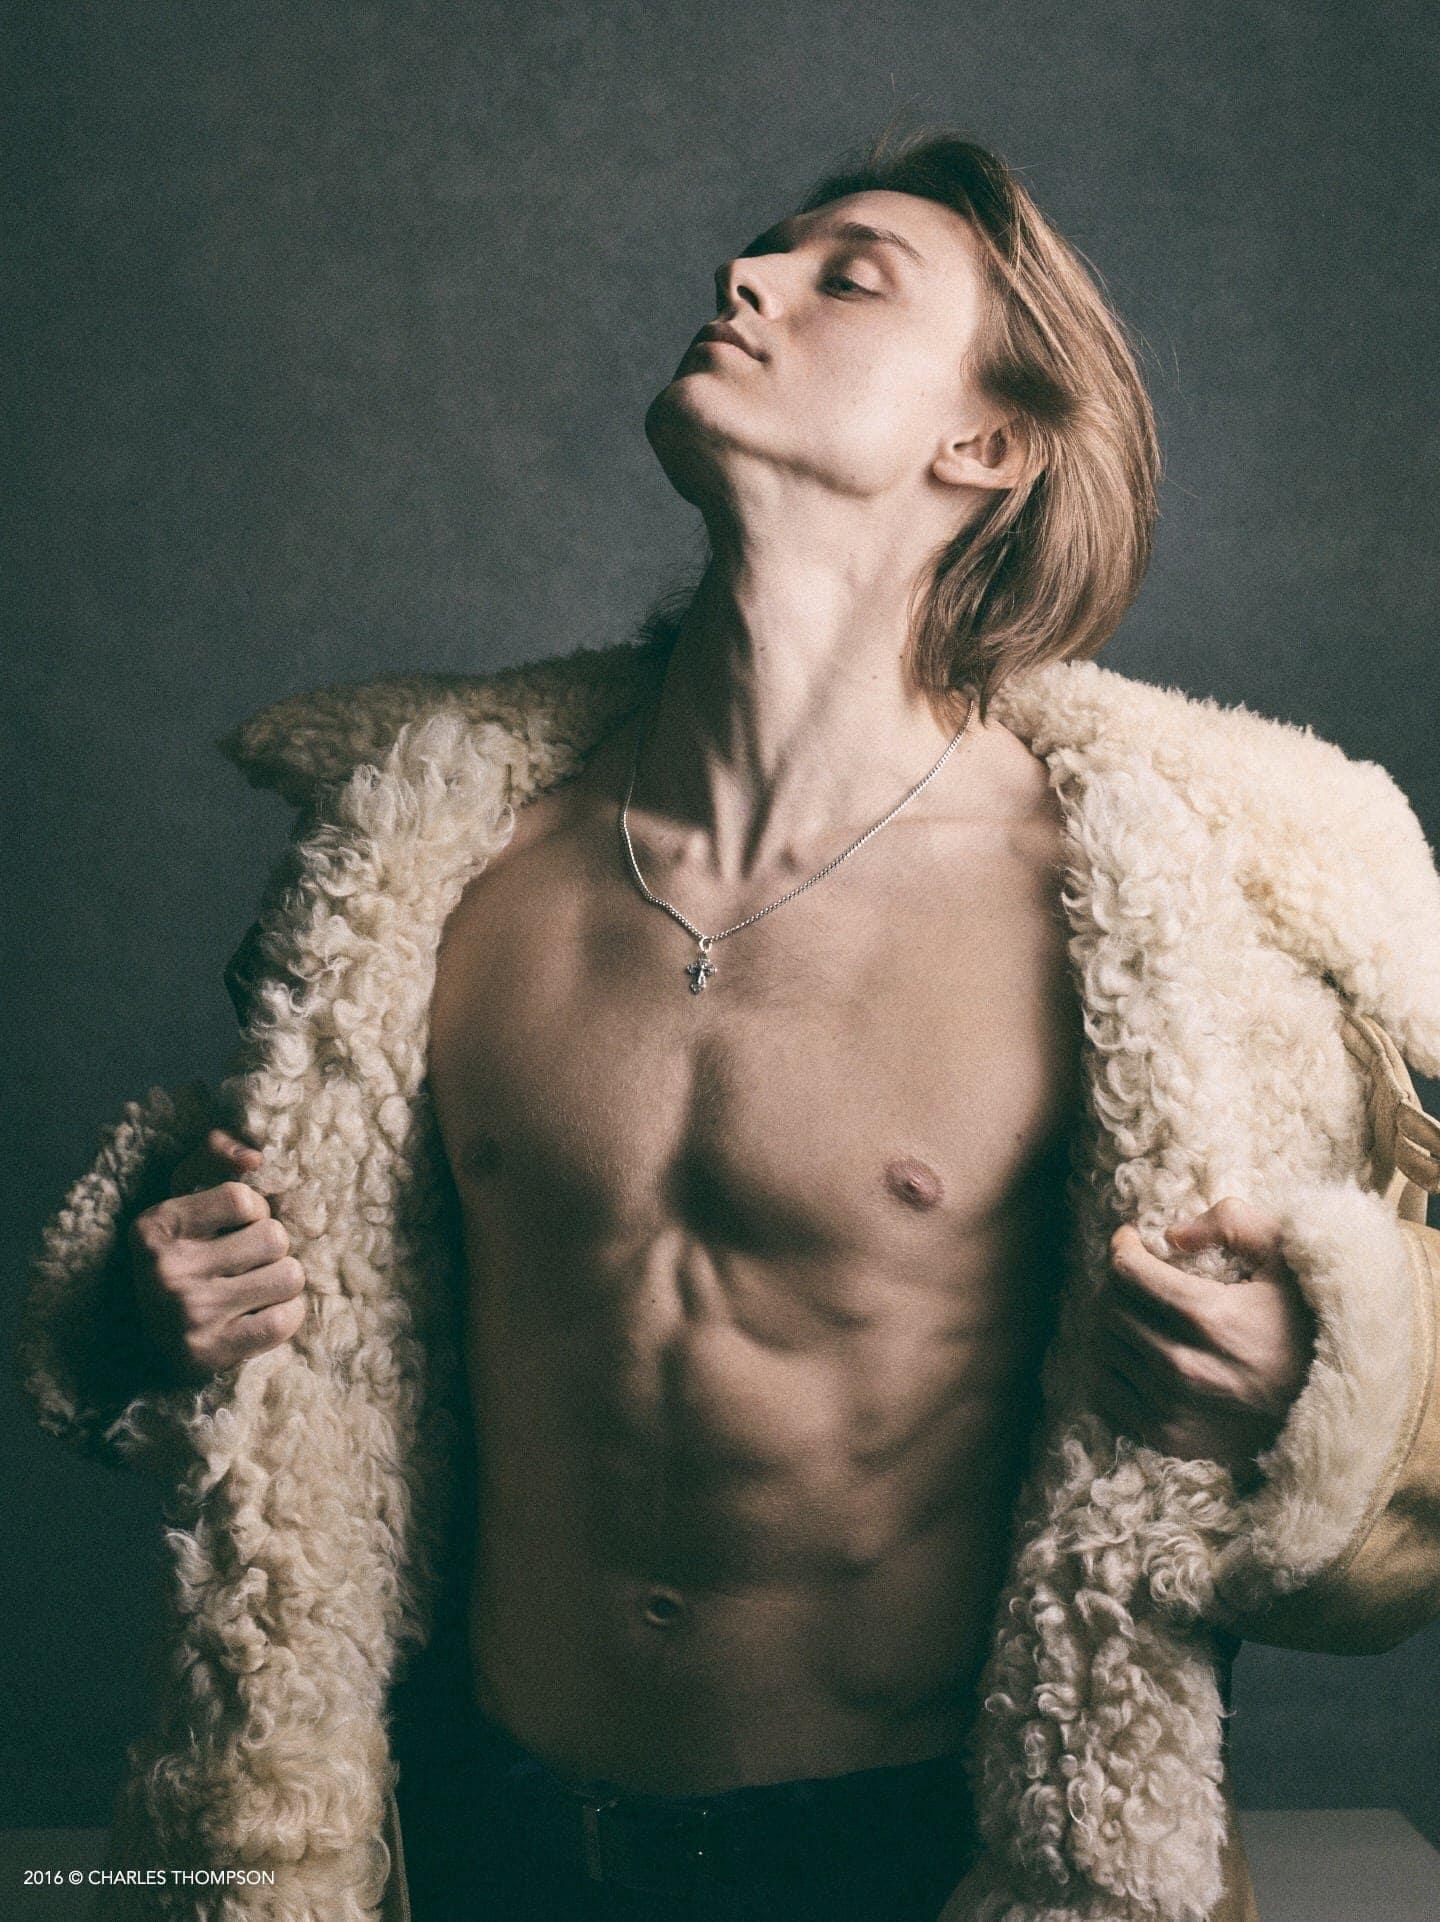 Денис Родькин. Фото с официального сайта артиста